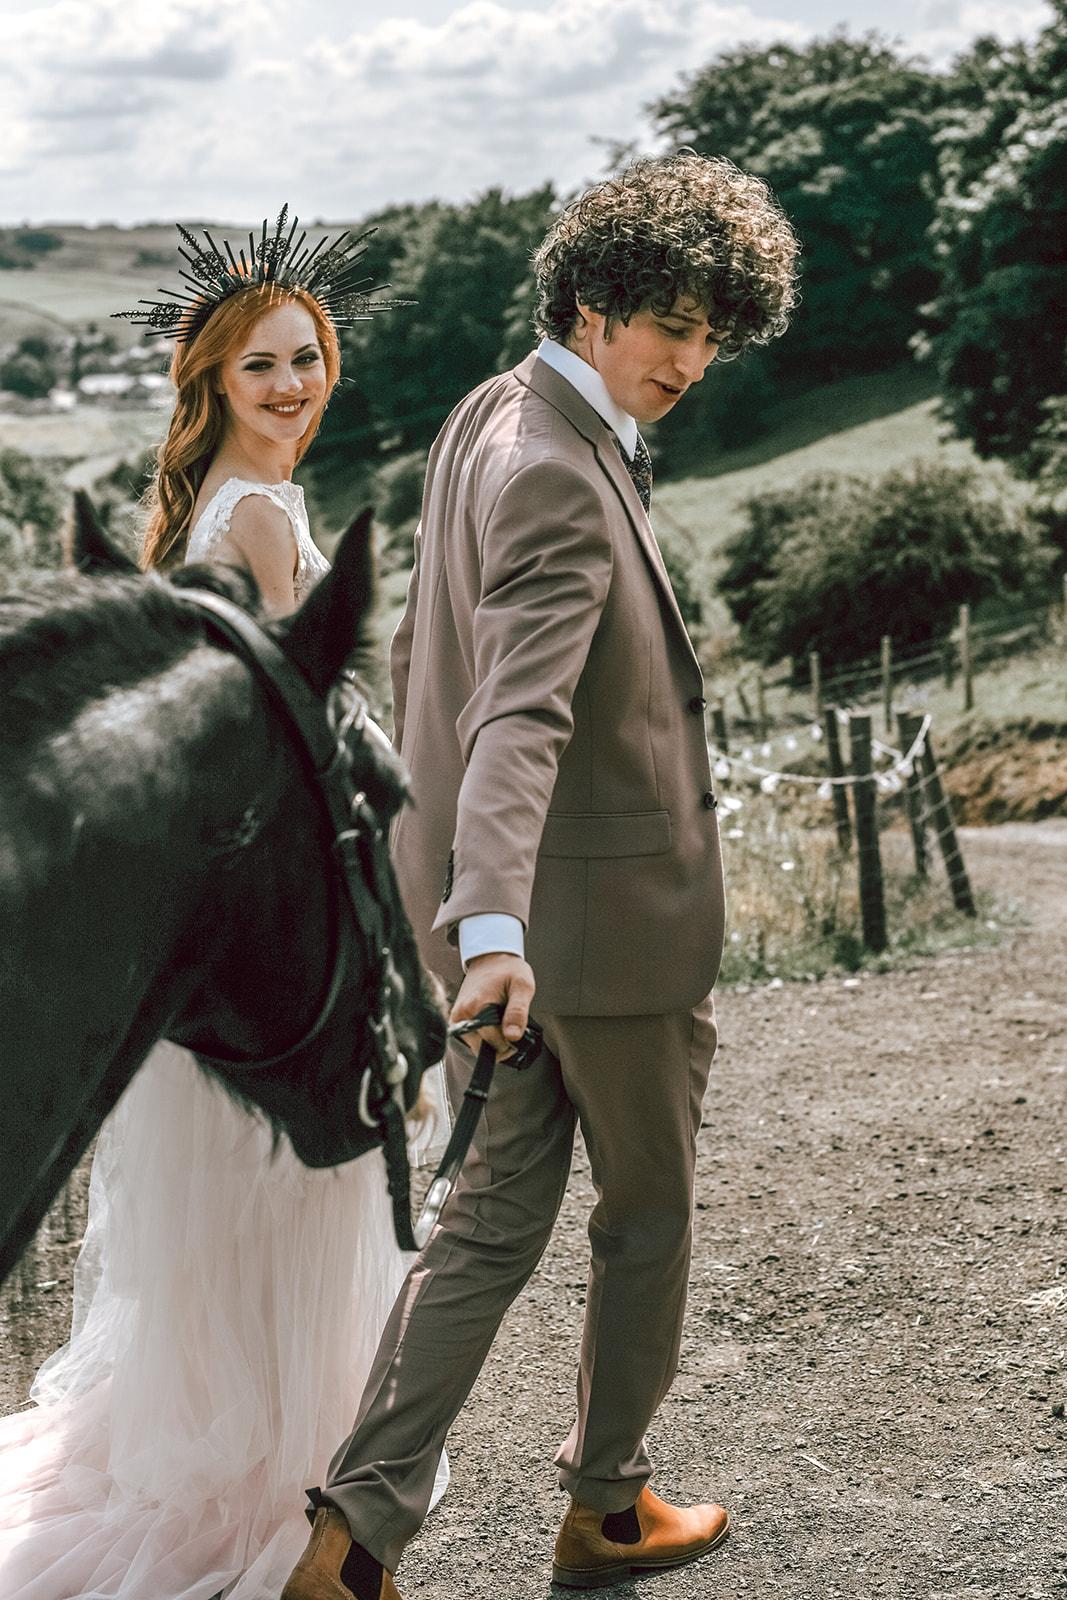 rustic festival wedding - wedding horse - boho outdoor wedding - farm wedding